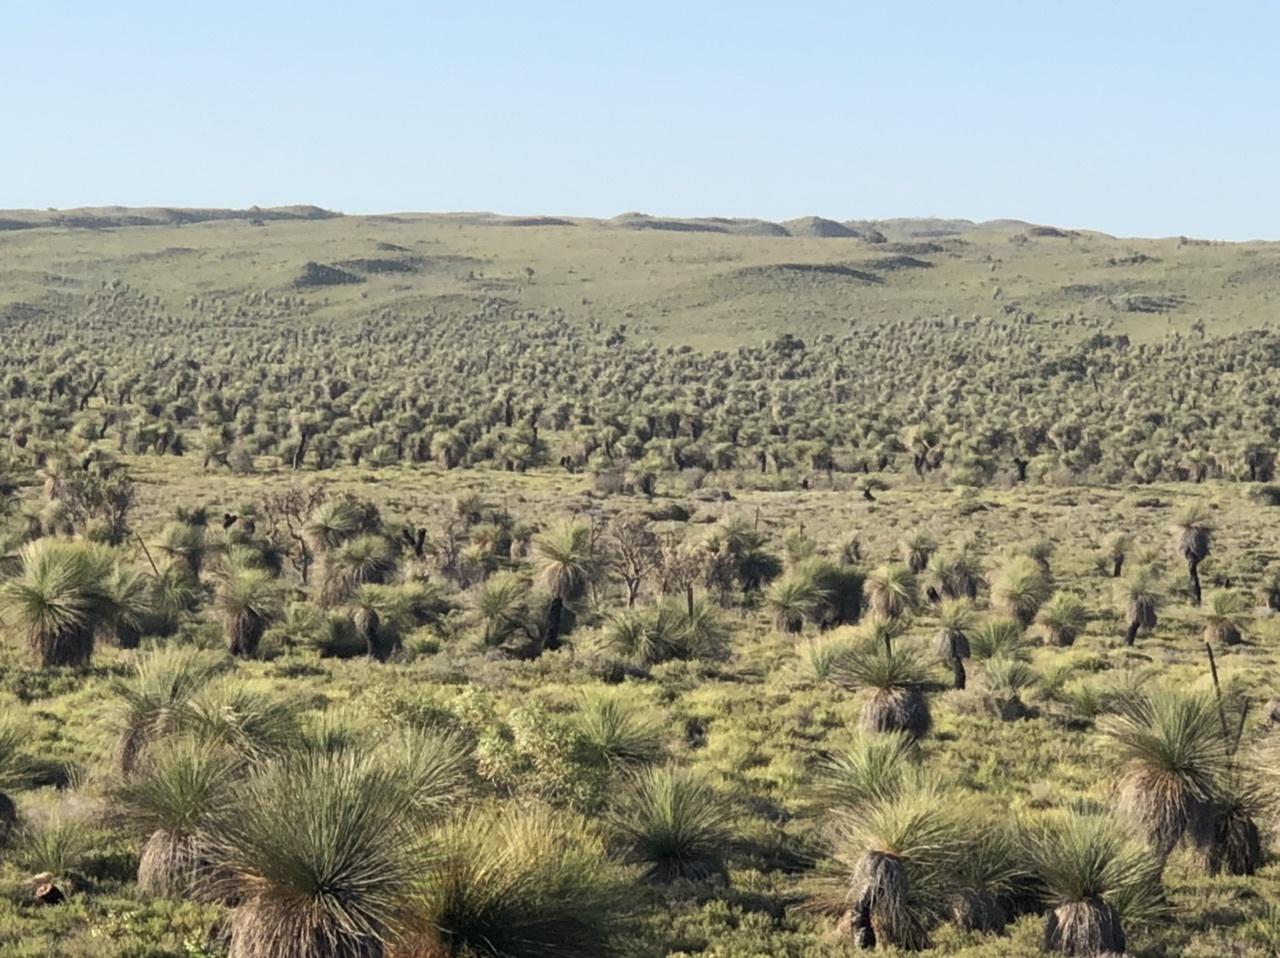 ピナクルズまでの移動で、オーストラリアの大きさを感じ、広大な牧場、地平線に感動。ピナクルズでは、自然が生み出す景色に驚き。特に、夕暮れは哀愁漂う景色を演出します。日中、40℃の暑い日でしたが、夕方は過ごしやすく、おすすめです。最後に、ガイドさんのホスピタリティーがすばらしかったです。